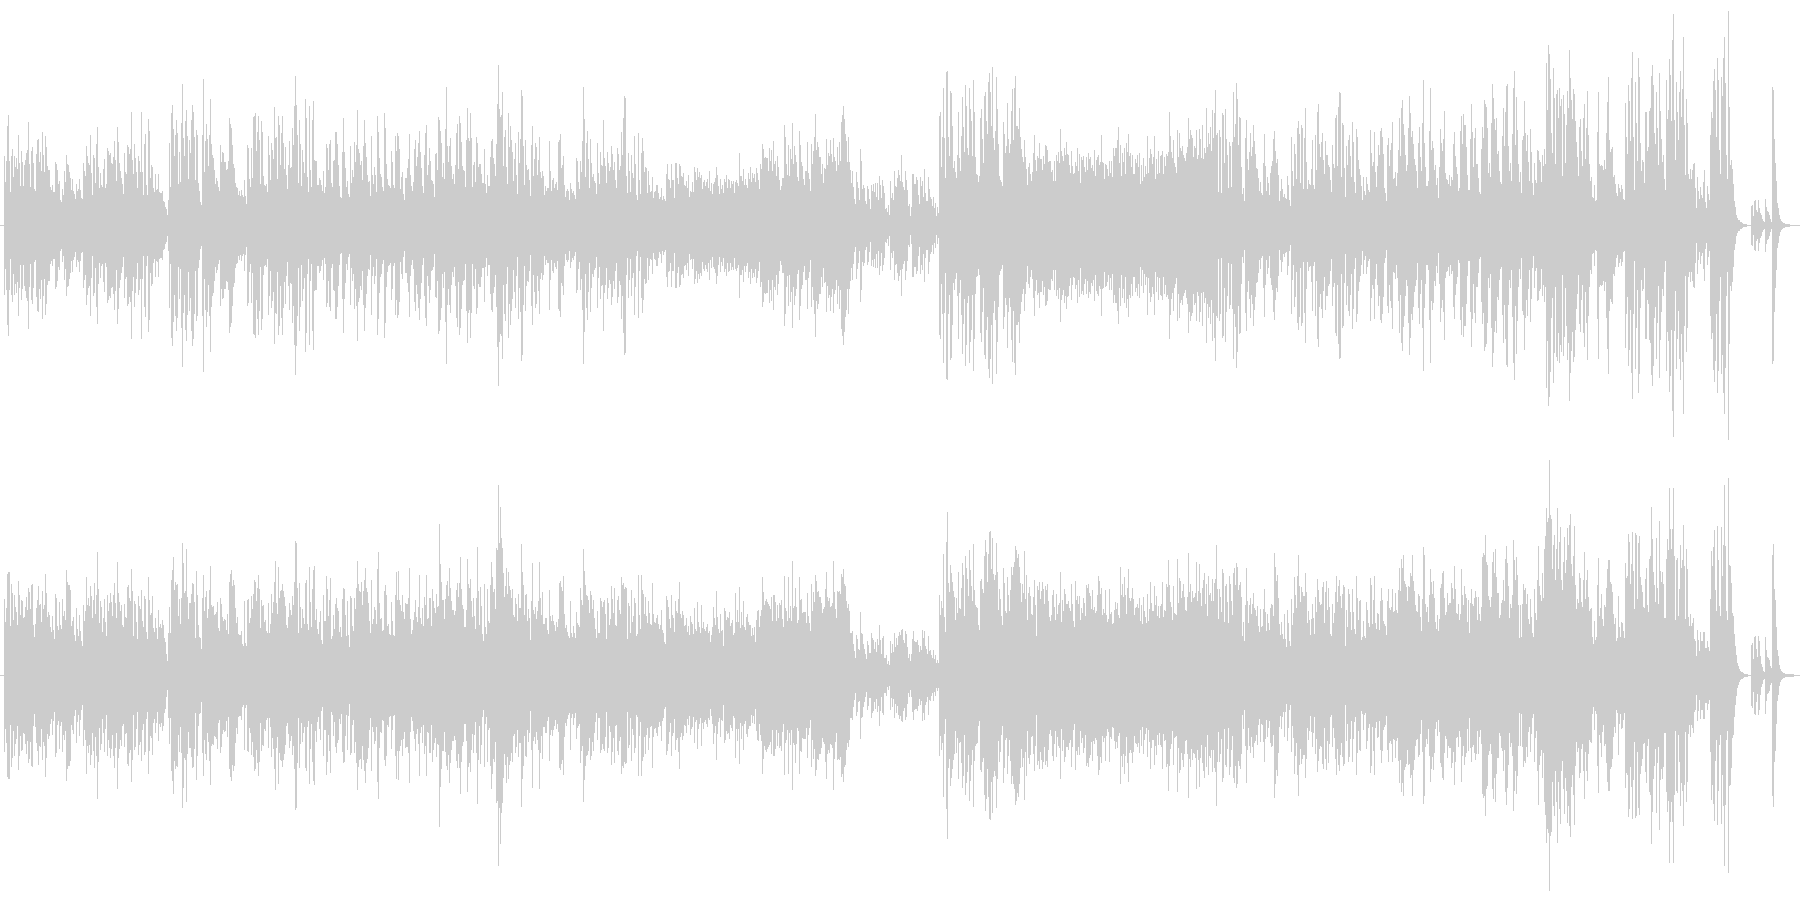 ワルツ 第4番 ピアノソロ版の未再生の波形